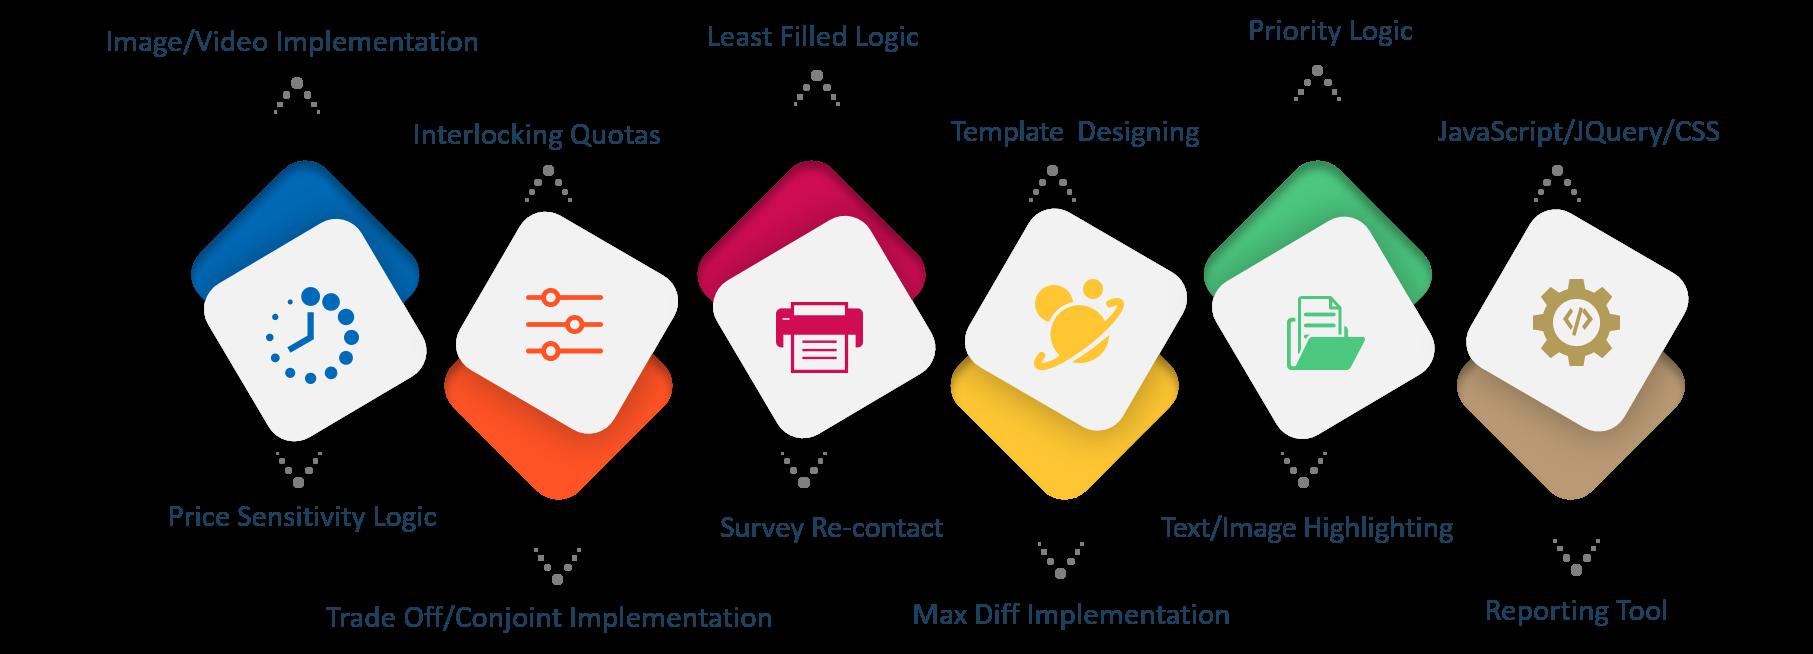 survey programming image